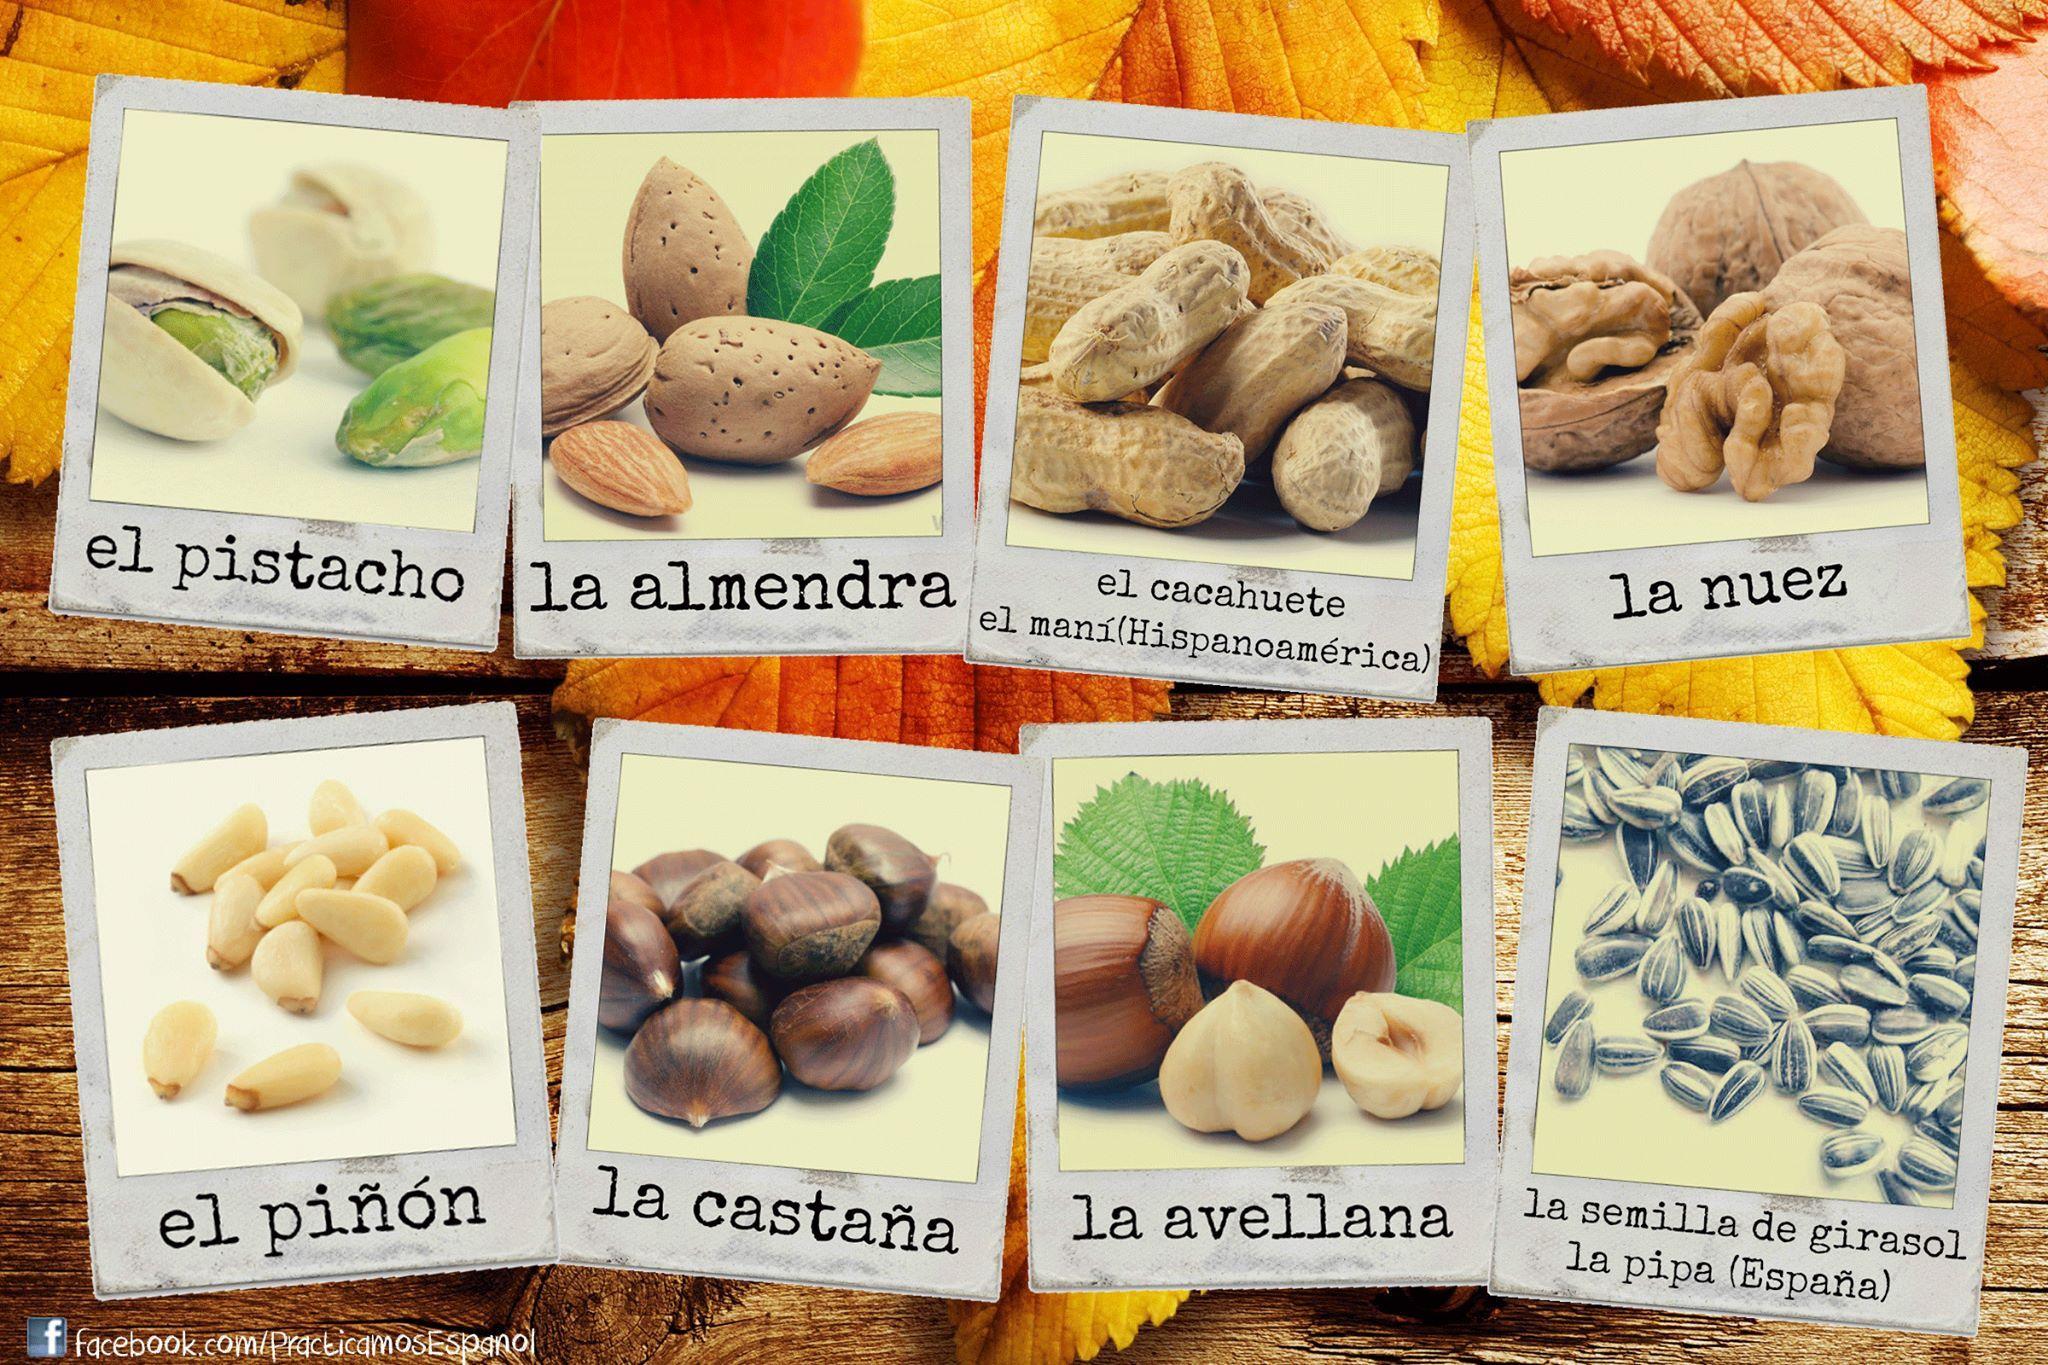 El Nombre De Los Frutos Secos Semillas De Girasol Alimentos Pinones